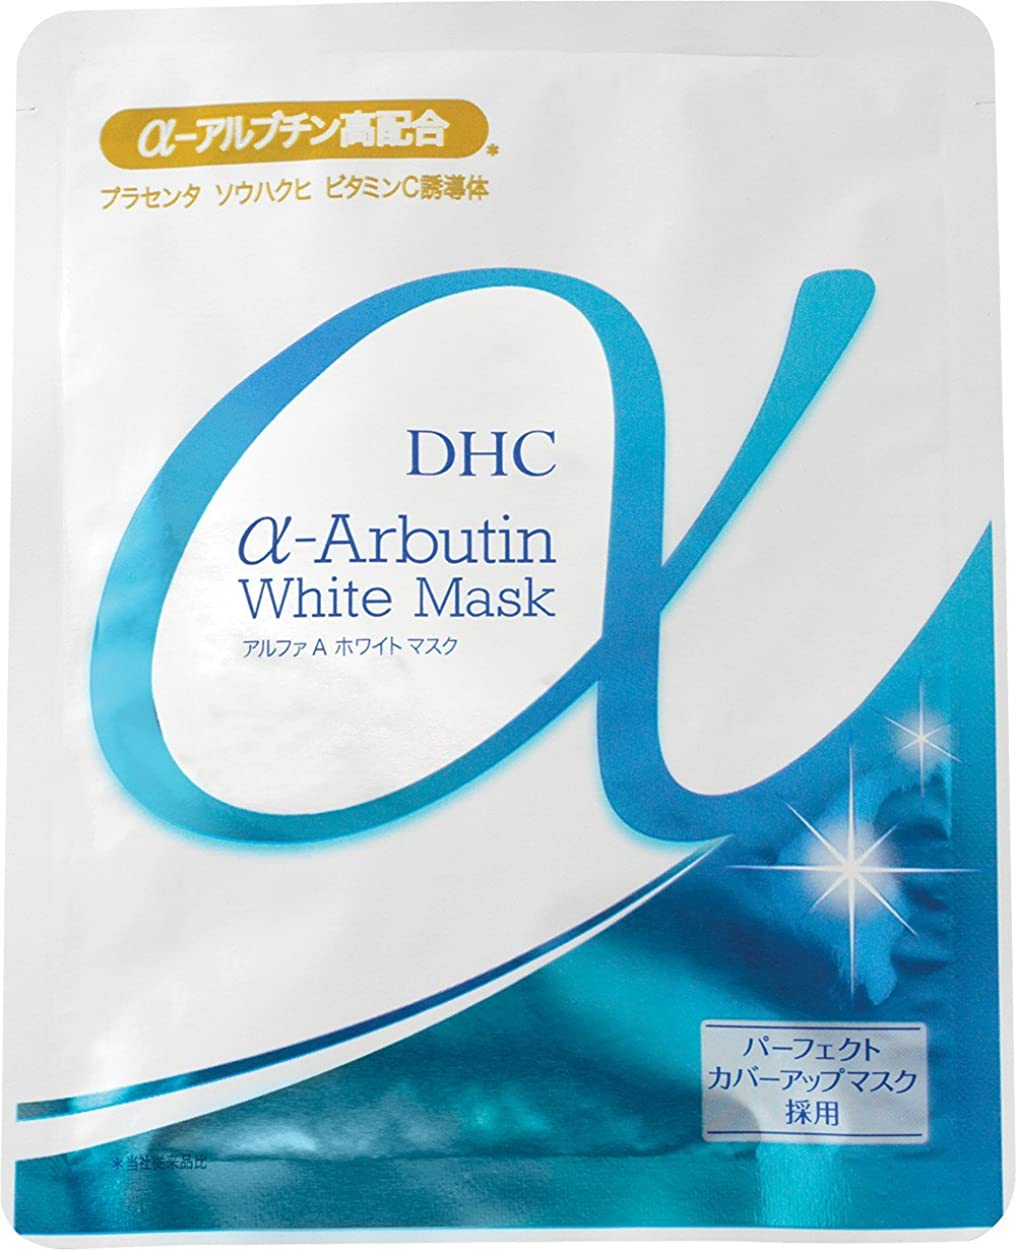 金属振り向くパラシュートDHCアルファAホワイトマスク(シート状美容パック)[5枚入]